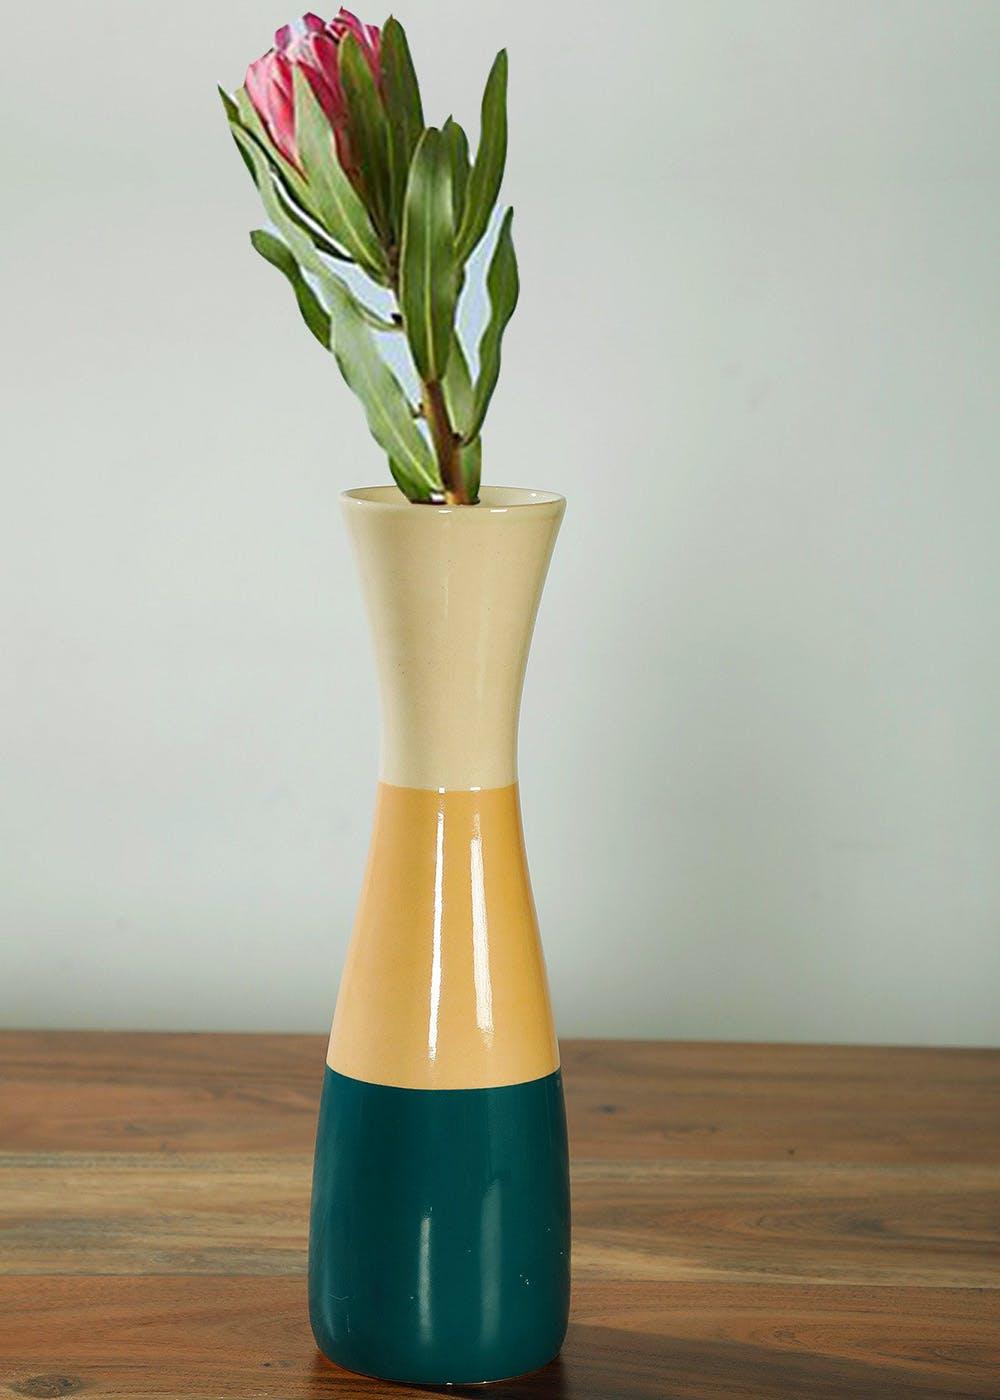 Multi-Colored Ceramic Vase - Freedom Tree Design